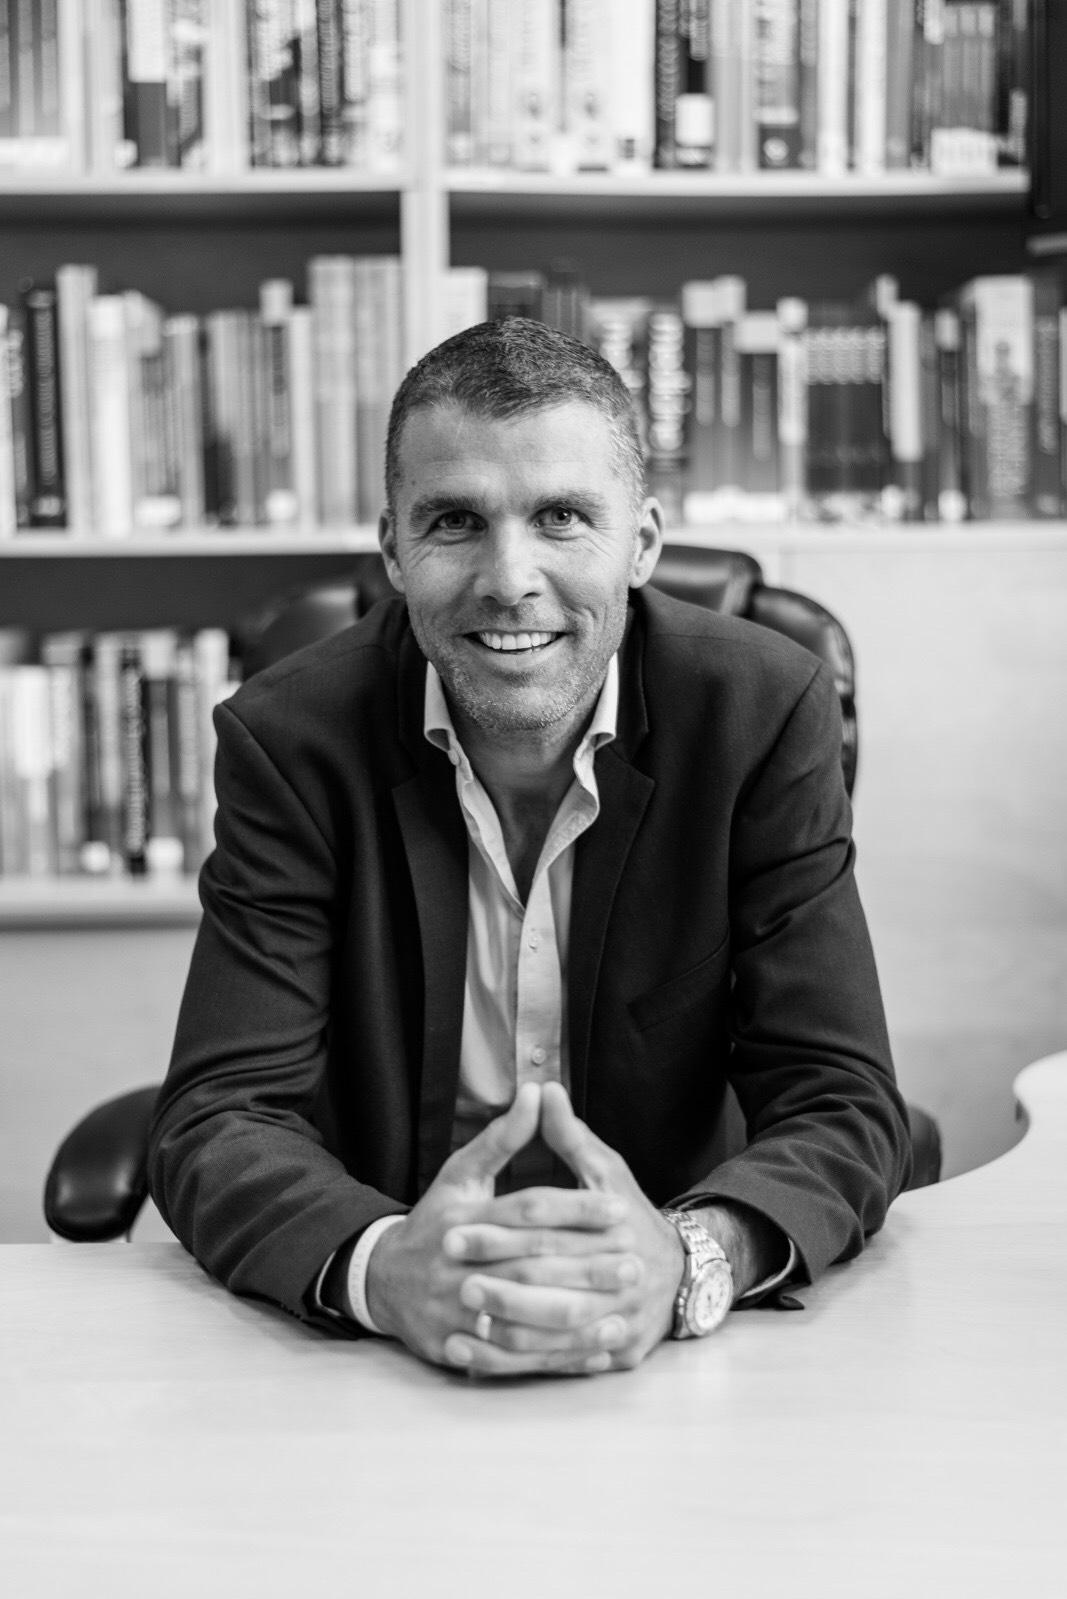 Maurice van Veldhooven